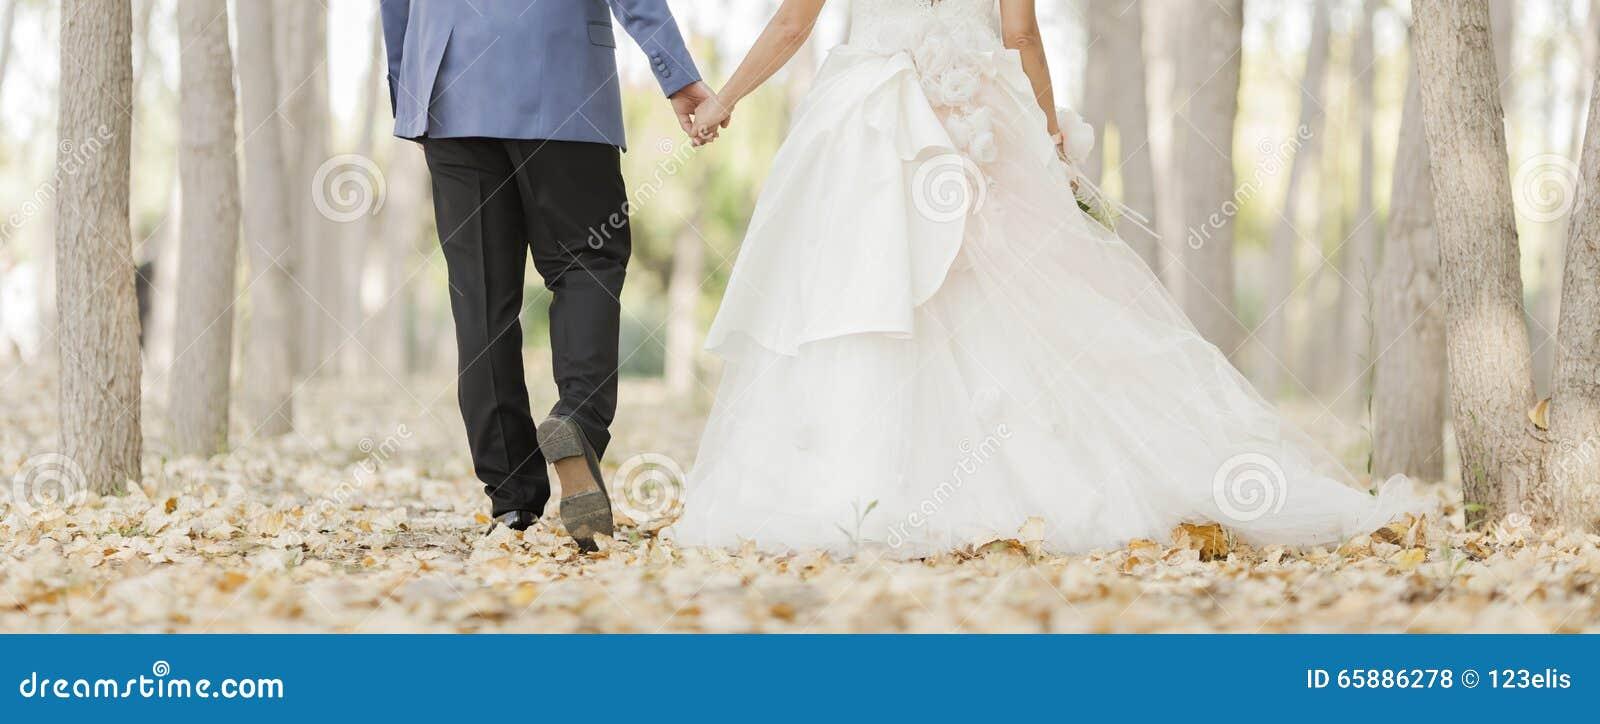 新娘仪式教会新郎婚礼图片